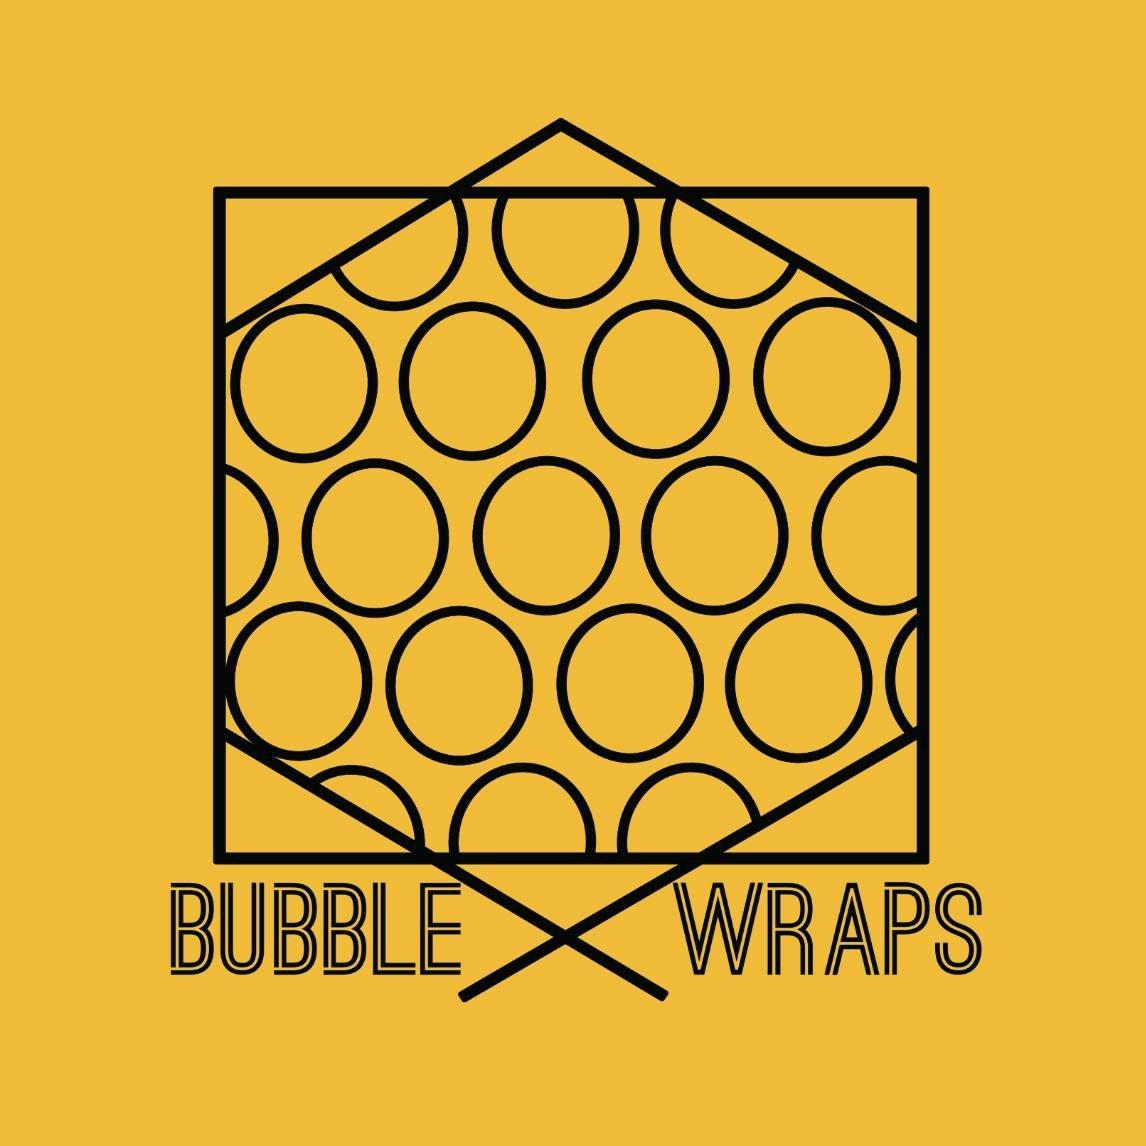 Bubble Wraps brand logo